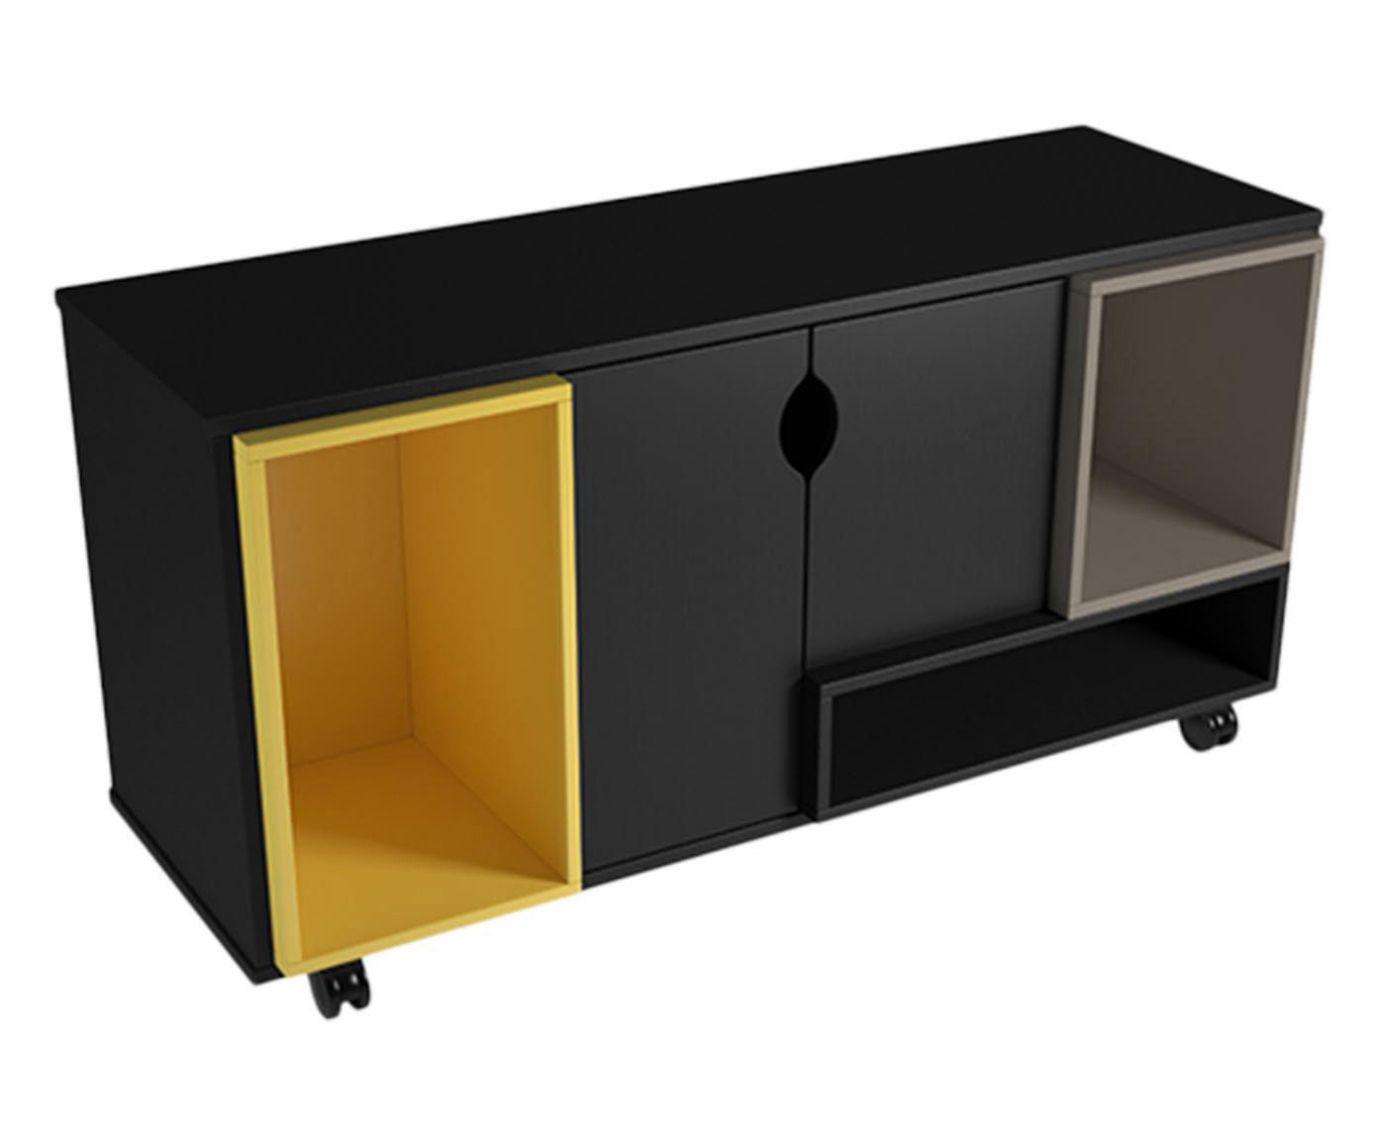 Rack Retalho Preto e Amarelo - 120x63,9cm | Westwing.com.br